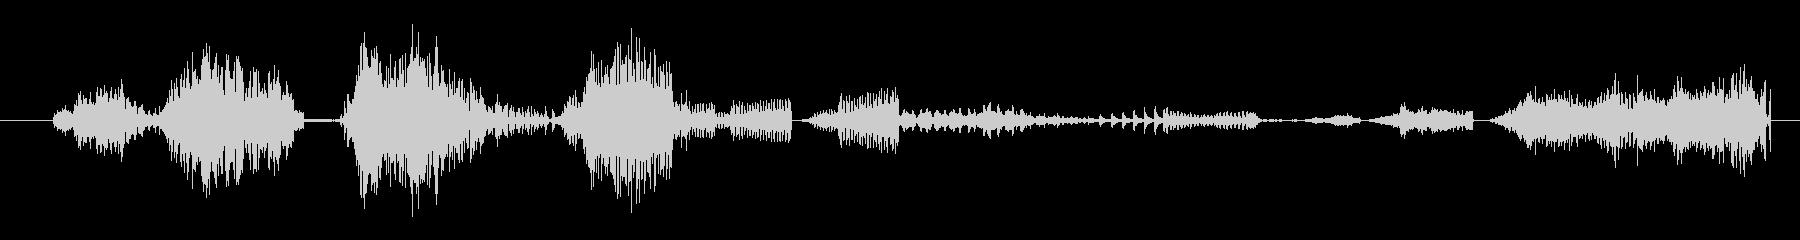 イメージ ボーカルグリッチ04の未再生の波形